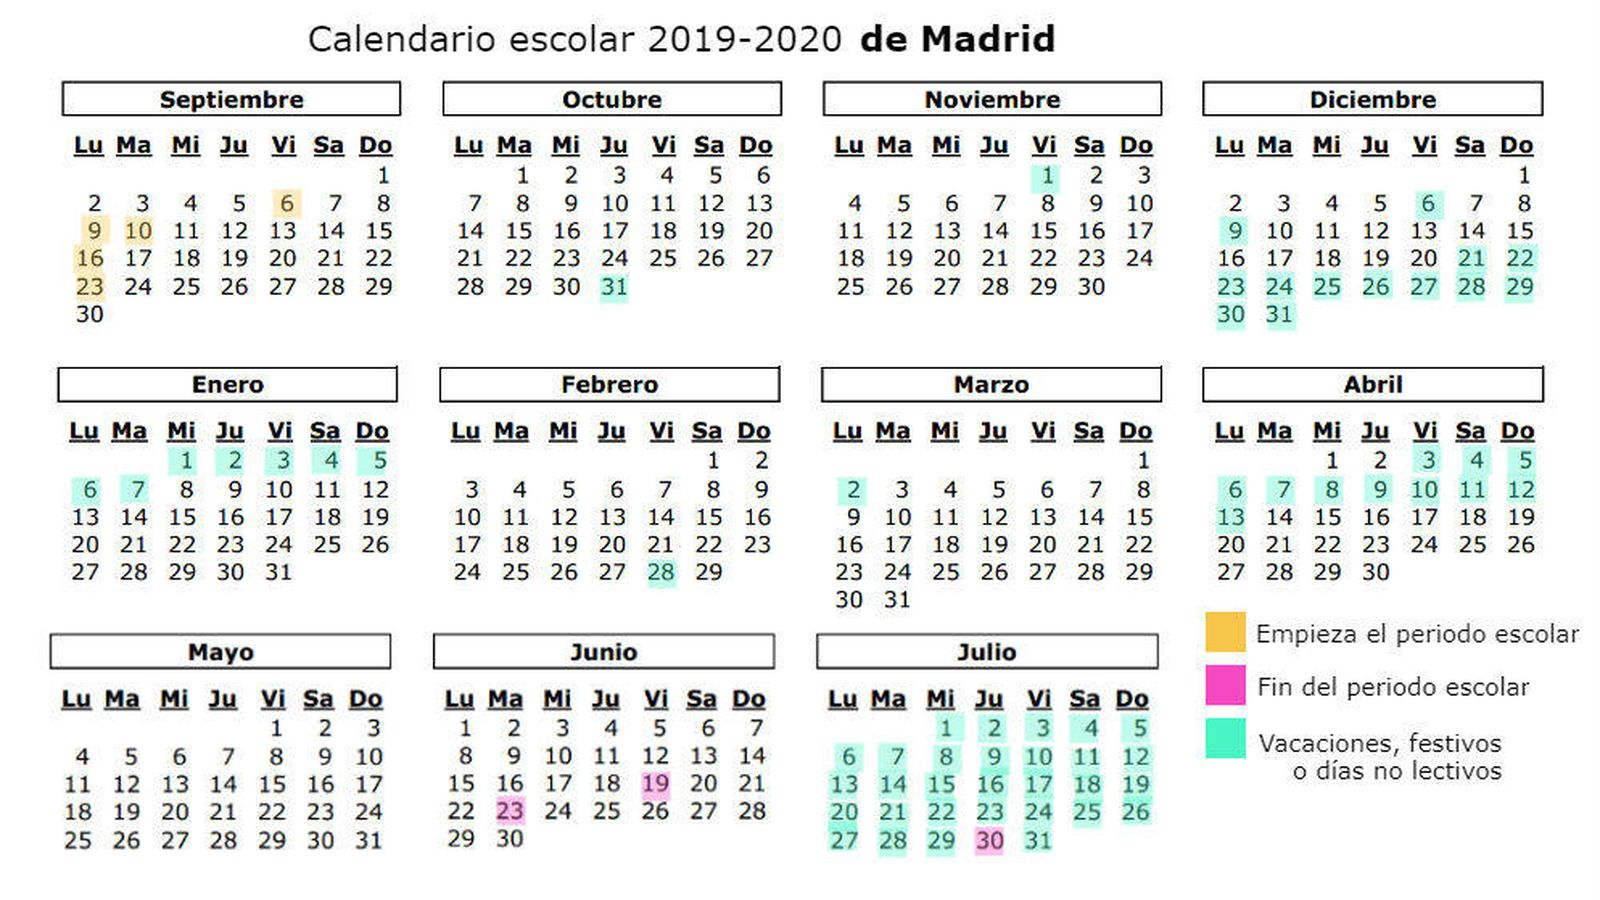 Calendario Escolar 2020 2020 Barcelona.Dragons And Football